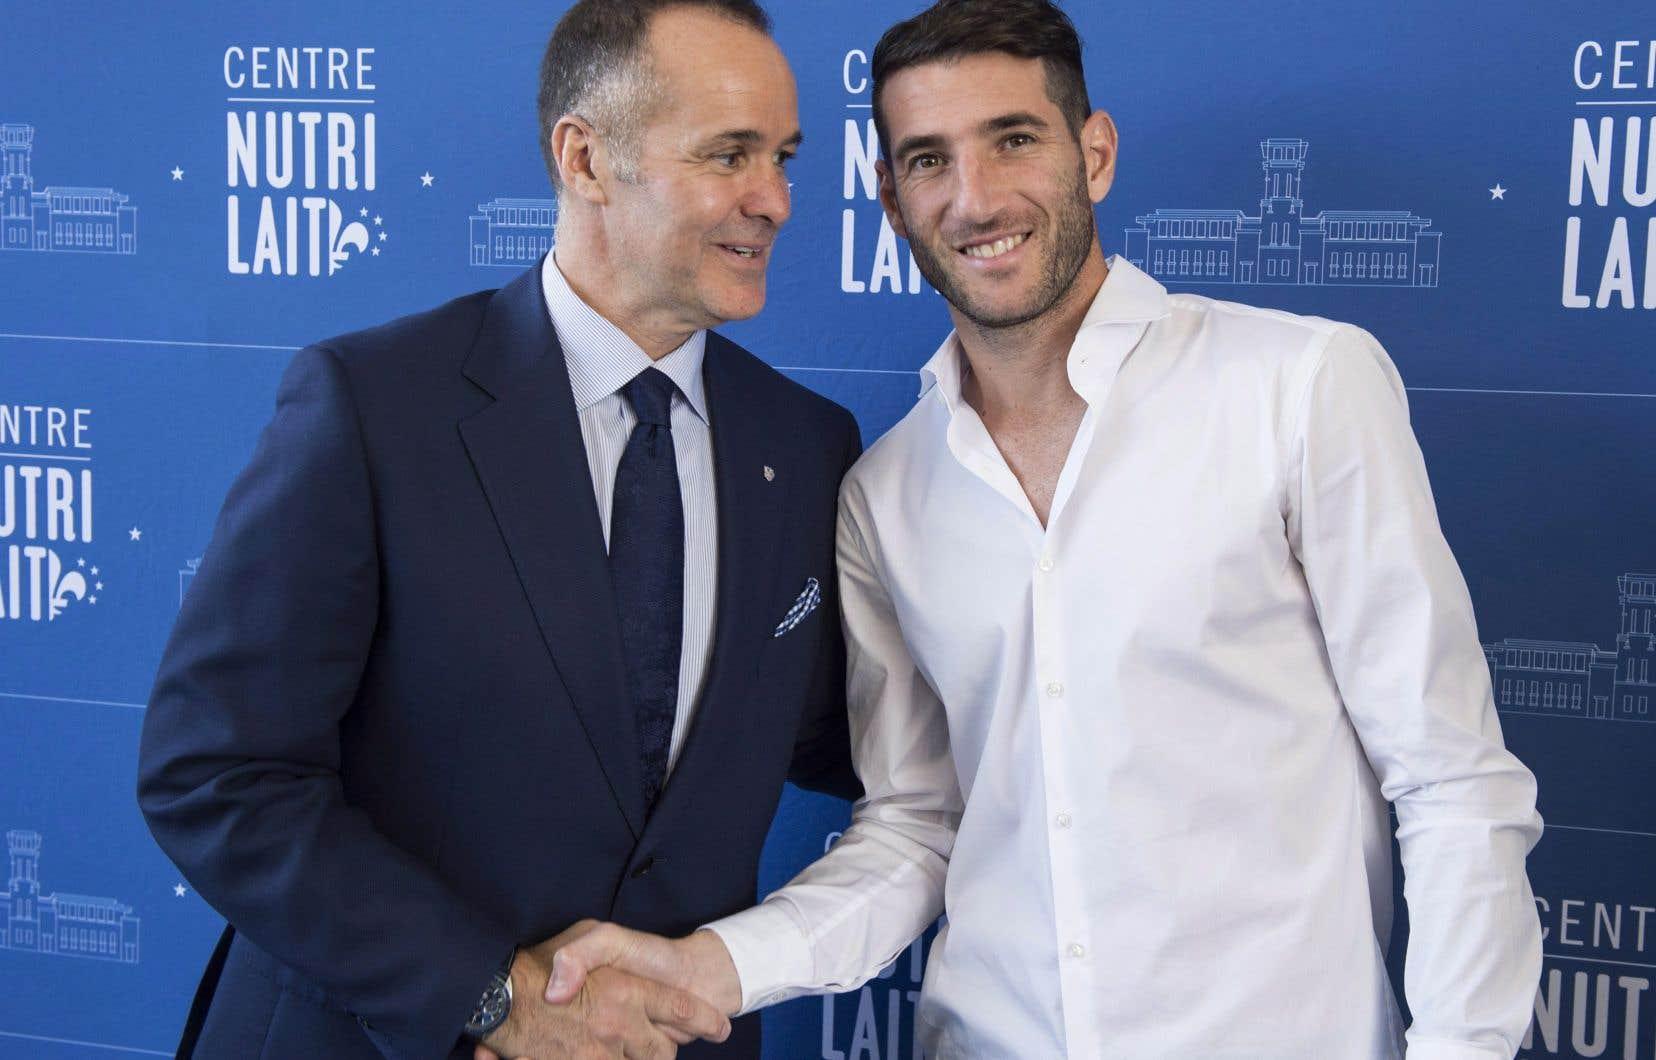 La valeur du contrat de Piatti (à droite) n'a pas été dévoilée, mais le président de l'Impact, Joey Saputo, a insisté pour dire qu'il serait payé comme «un des cinq meilleurs joueurs de la ligue».